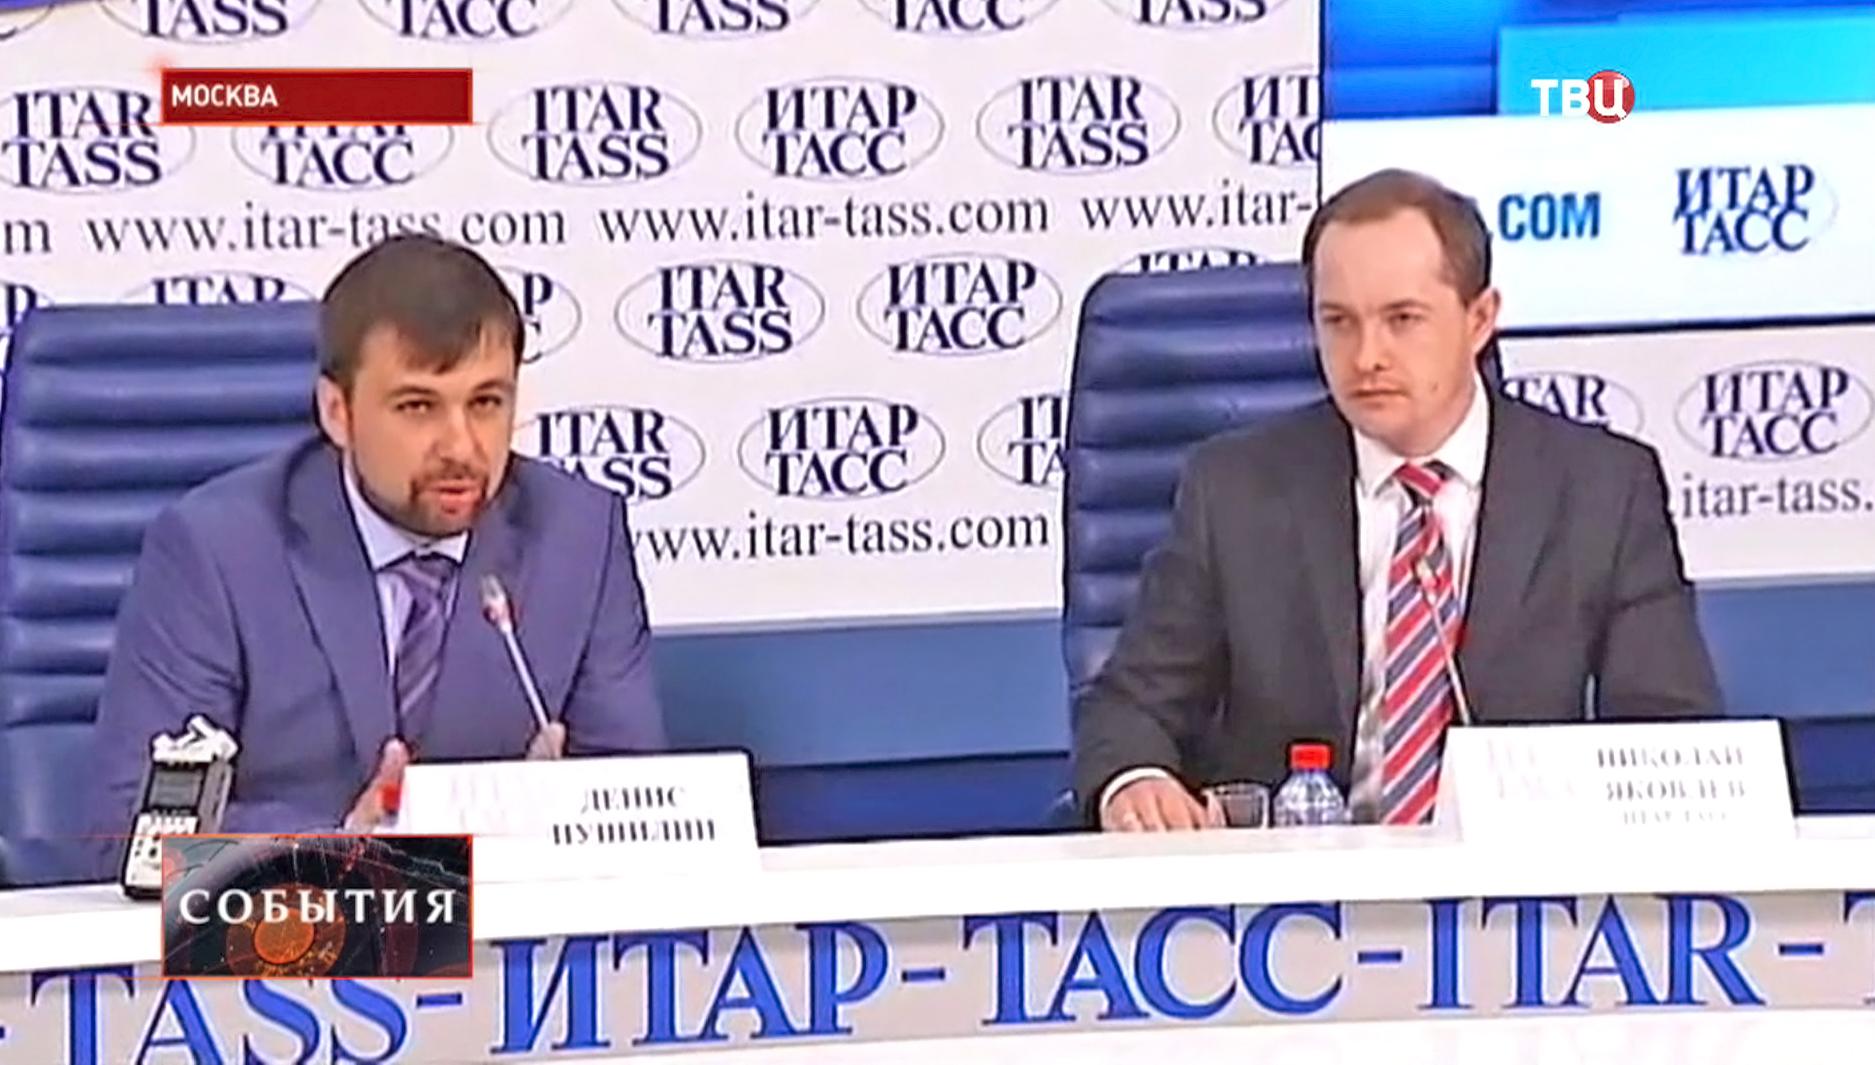 Глава самопровозглашённой Донецкой народной республики Денис Пушилин на пресс-конференции